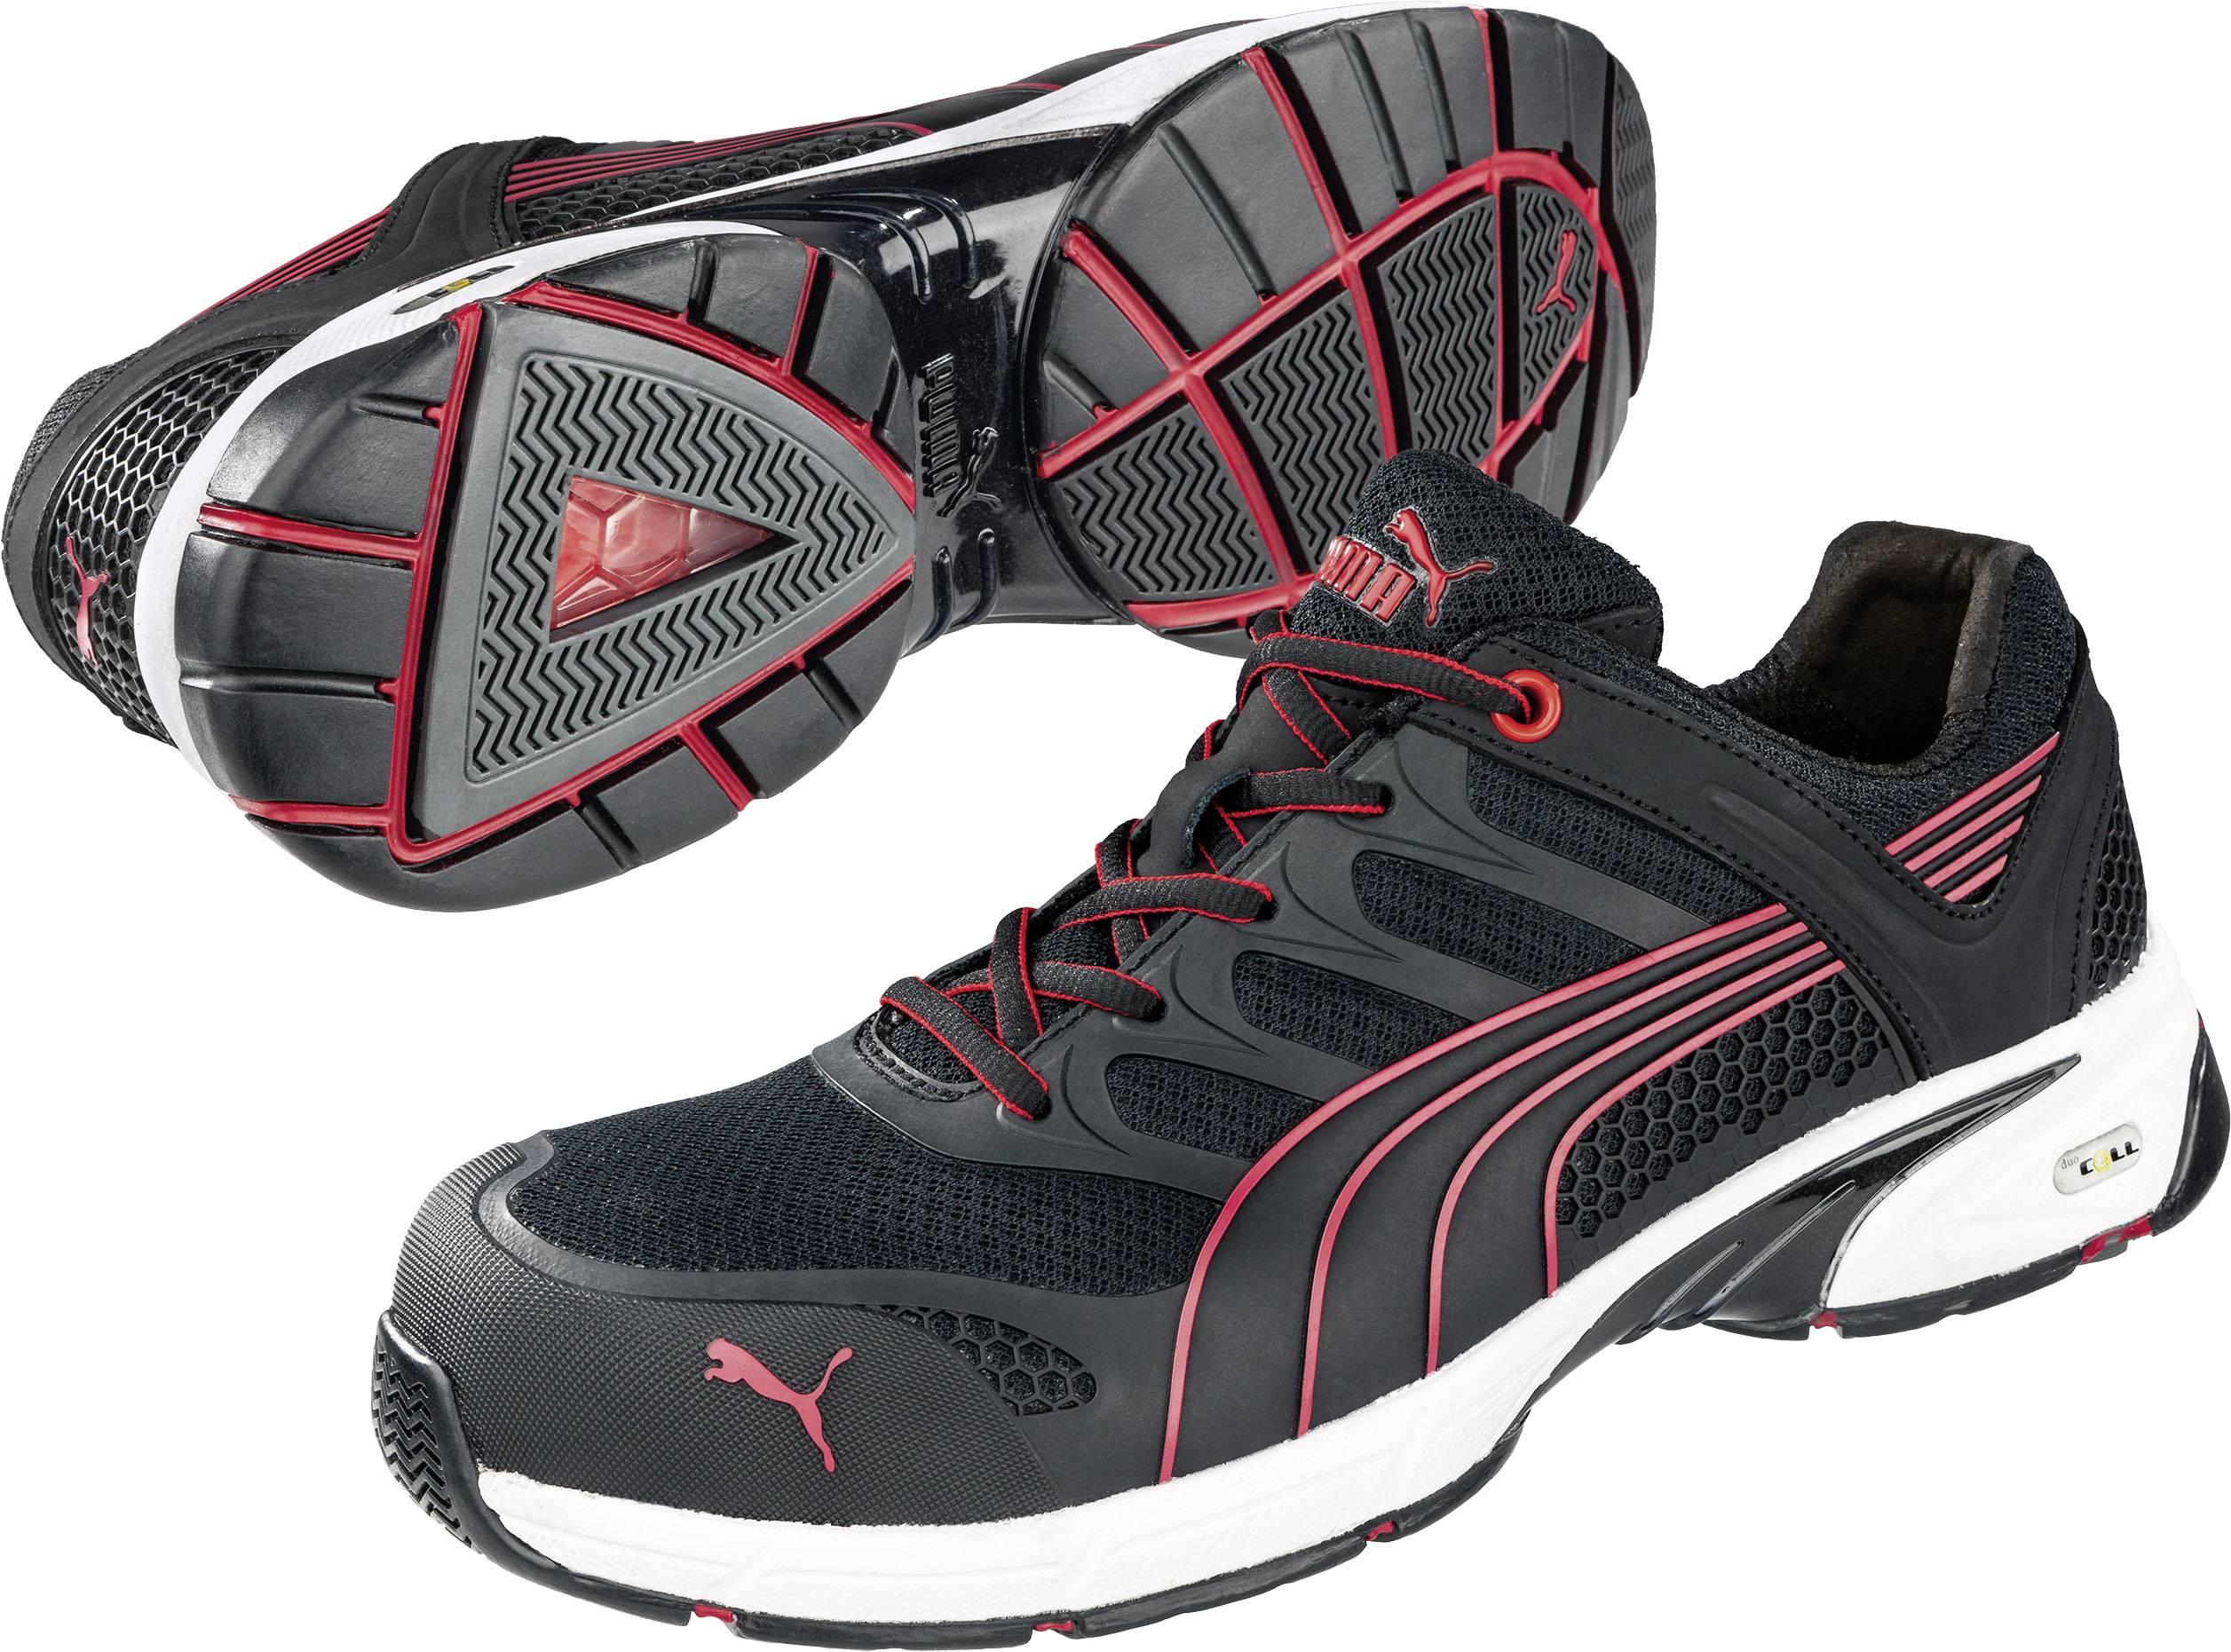 6ab86e0be4985 Chaussures basses de sécurité Taille: 39 noir, rouge PUMA Safety FUSE  MOTION RED LOW HRO SRA 642540 1 paire